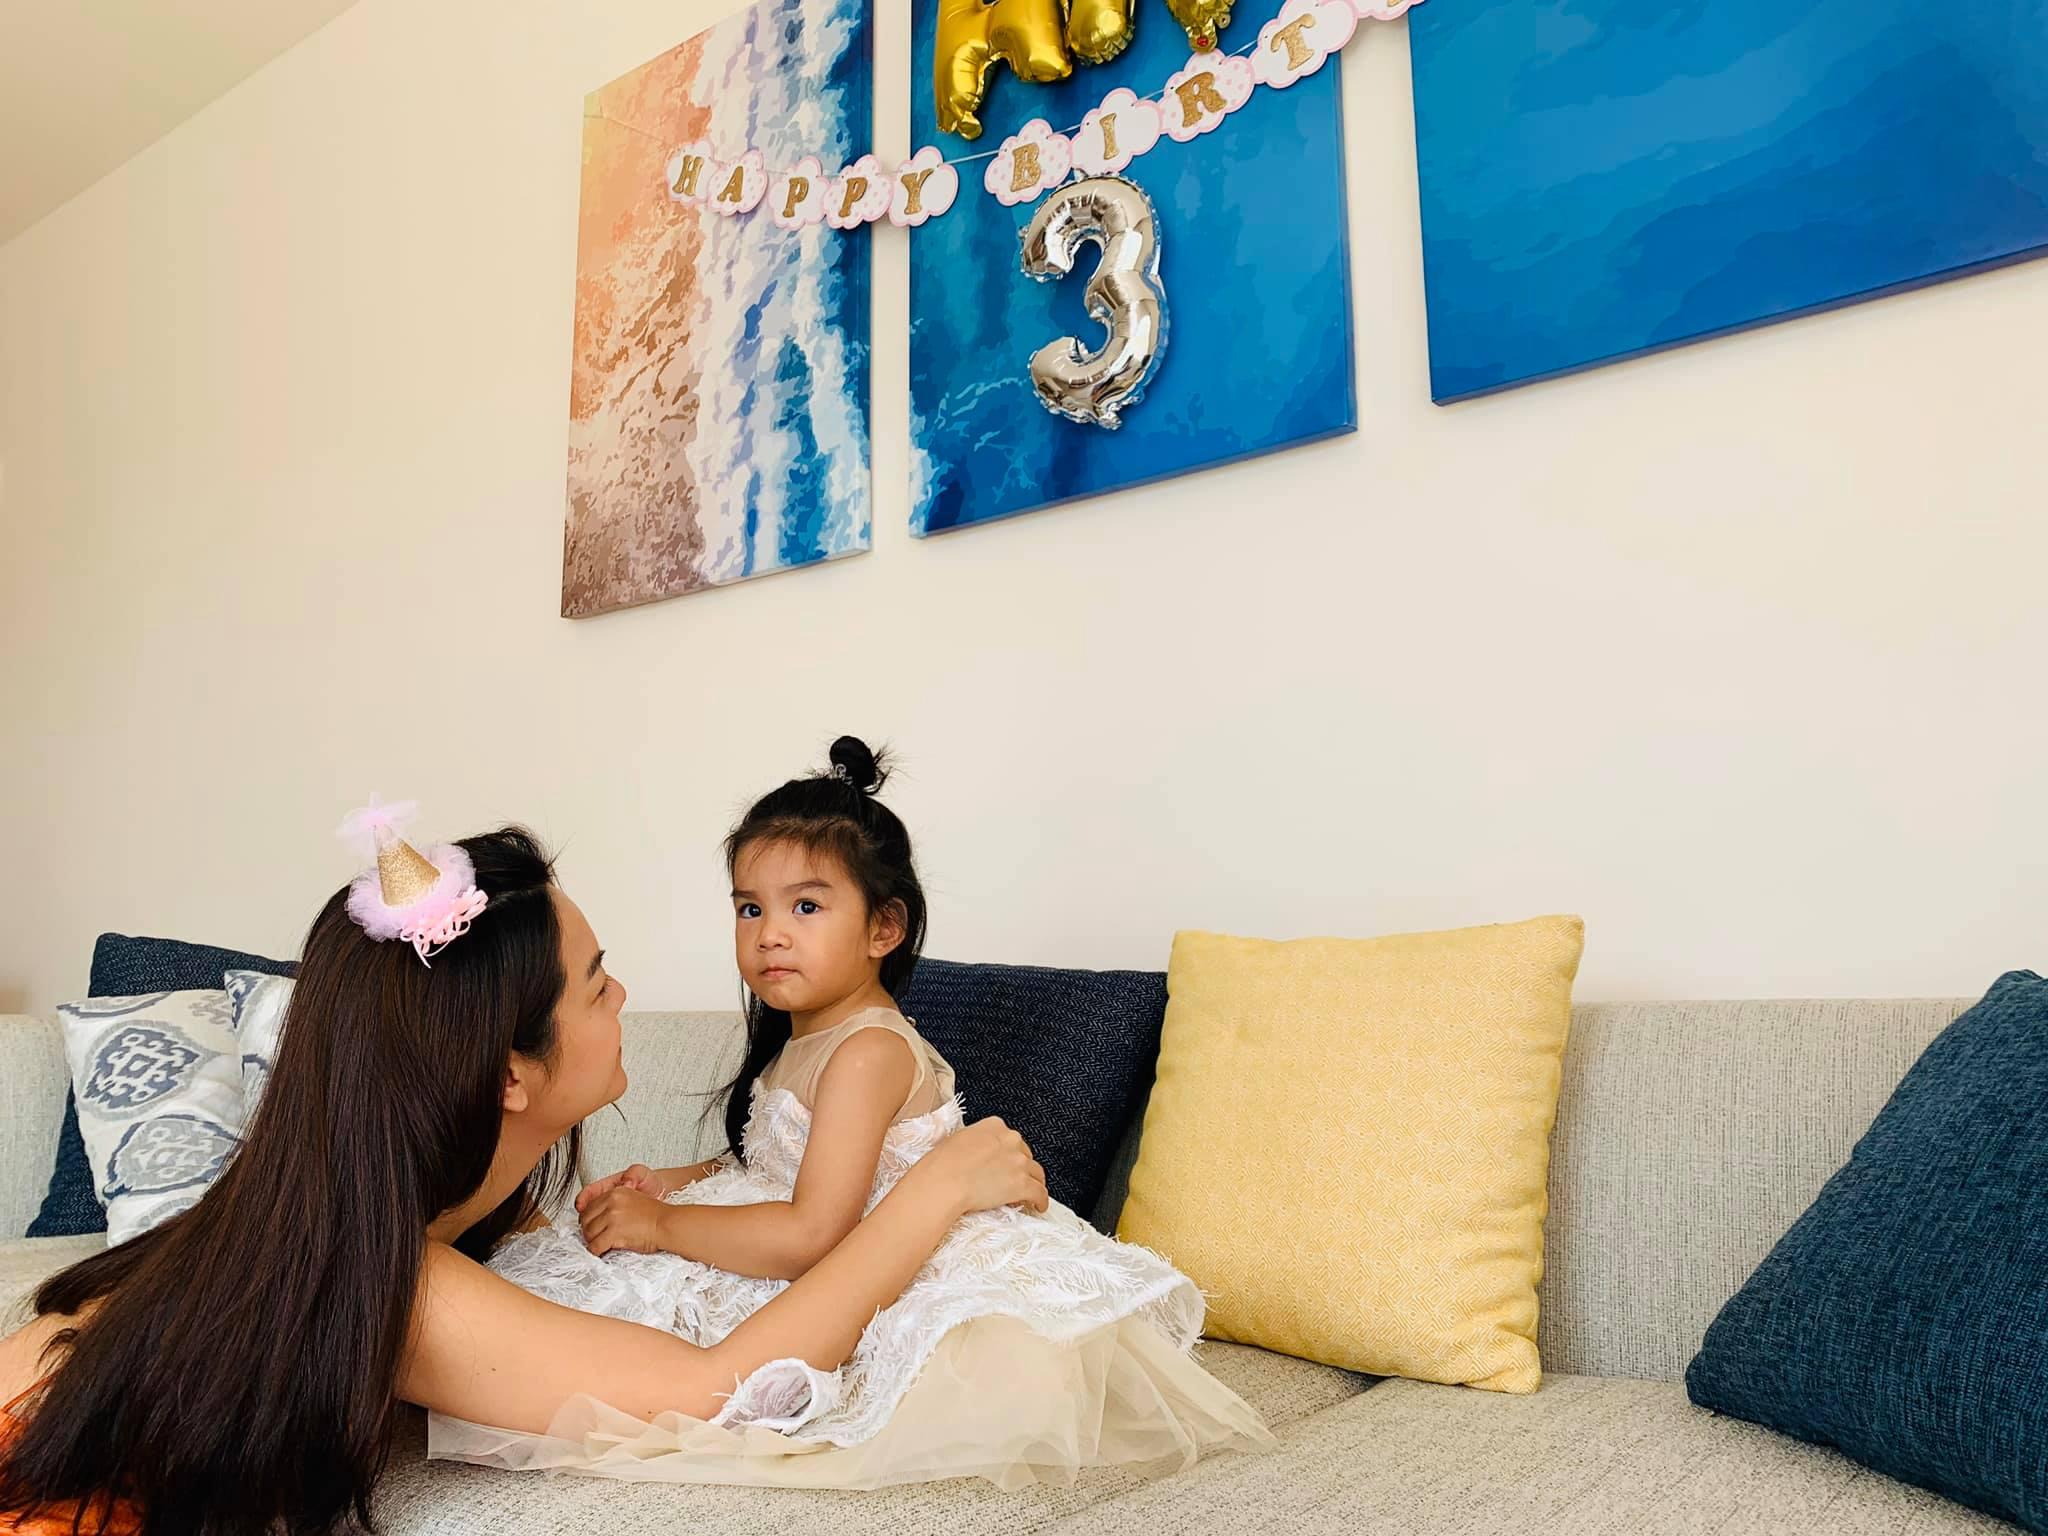 """Tuệ An là công chúa thứ 2 của Phạm Quỳnh Anh. Sau khi ly hôn với """"ông bầu"""" Quang Huy, cô nuôi cả 2 con gái là: Tuệ Lâm và Tuệ An"""